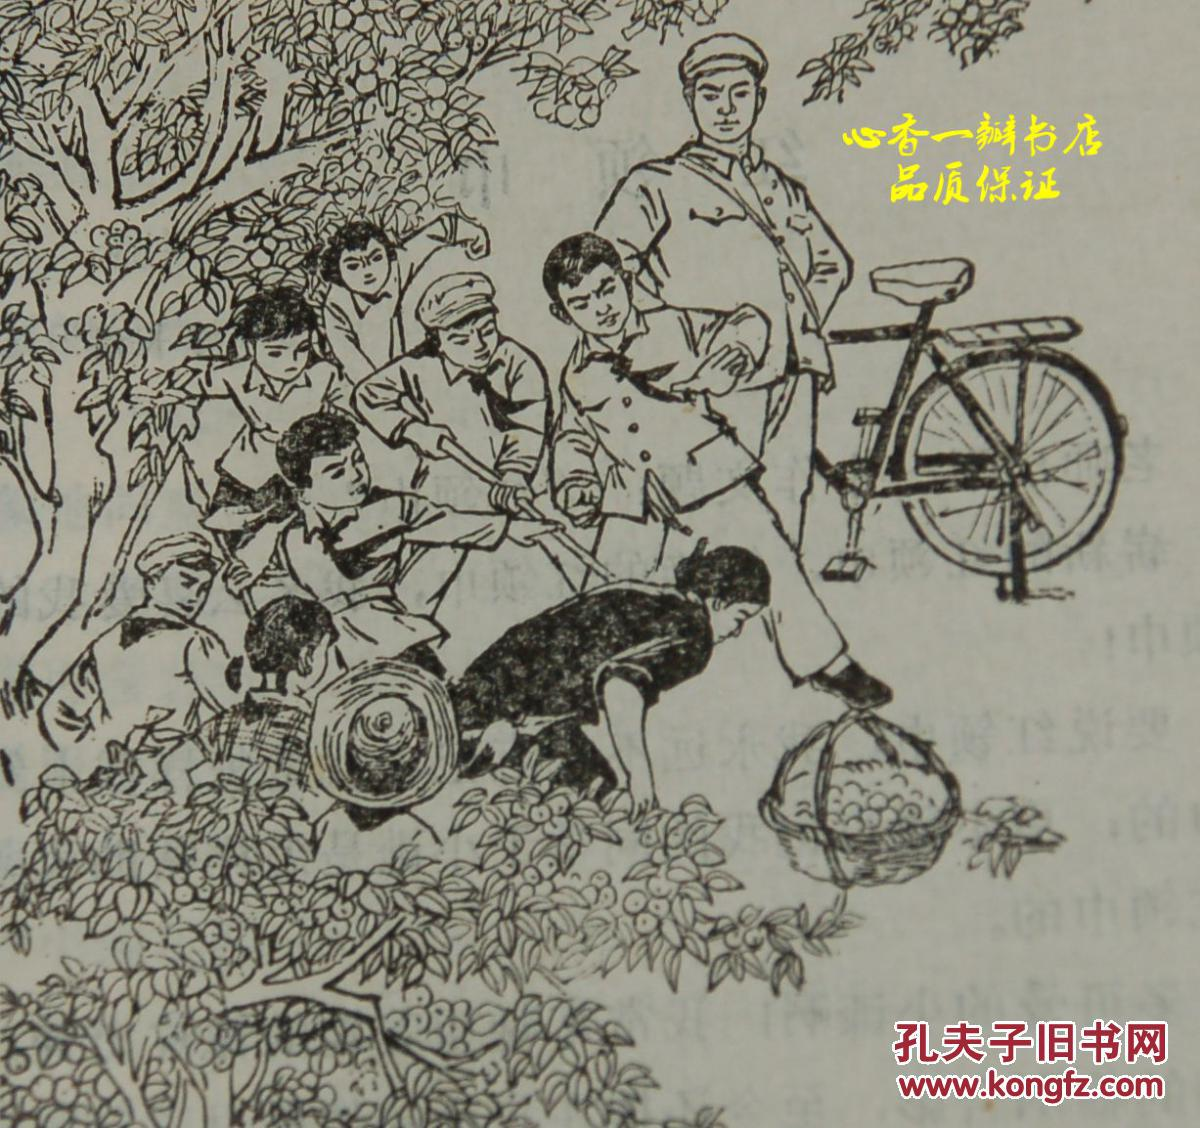 小树绿油油 1974年1月一版一印 自然旧9品 见描述 有精美插图 该书不多见